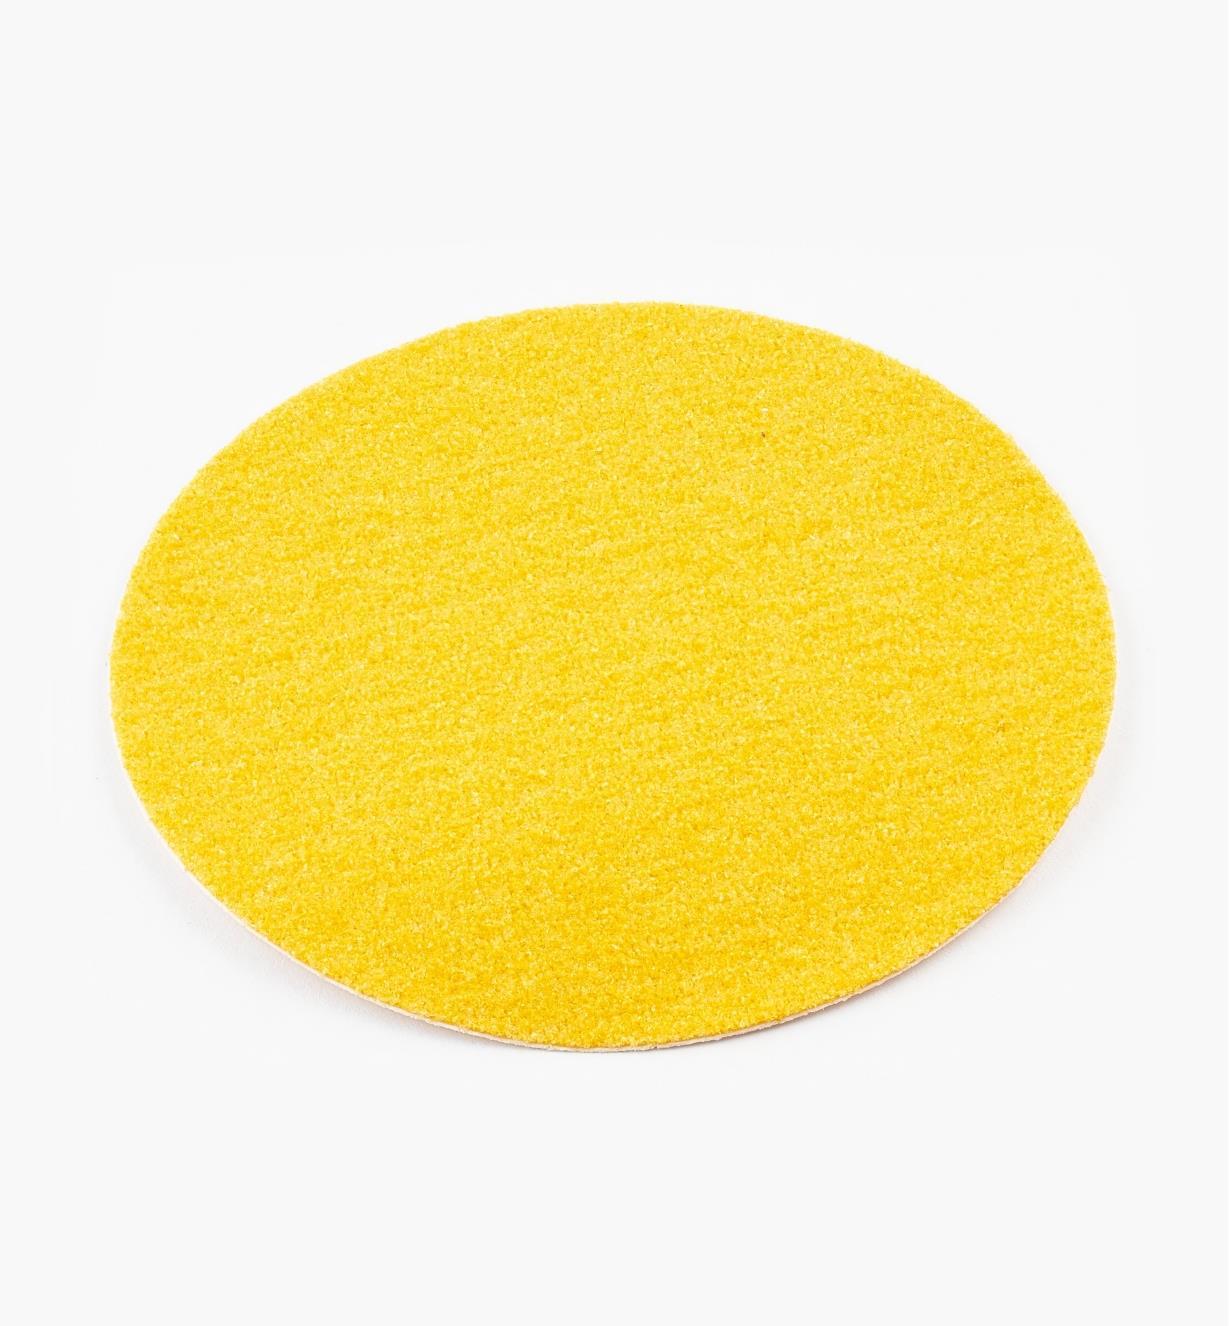 25K0143 - Pastilles jaunes de 3po (25)